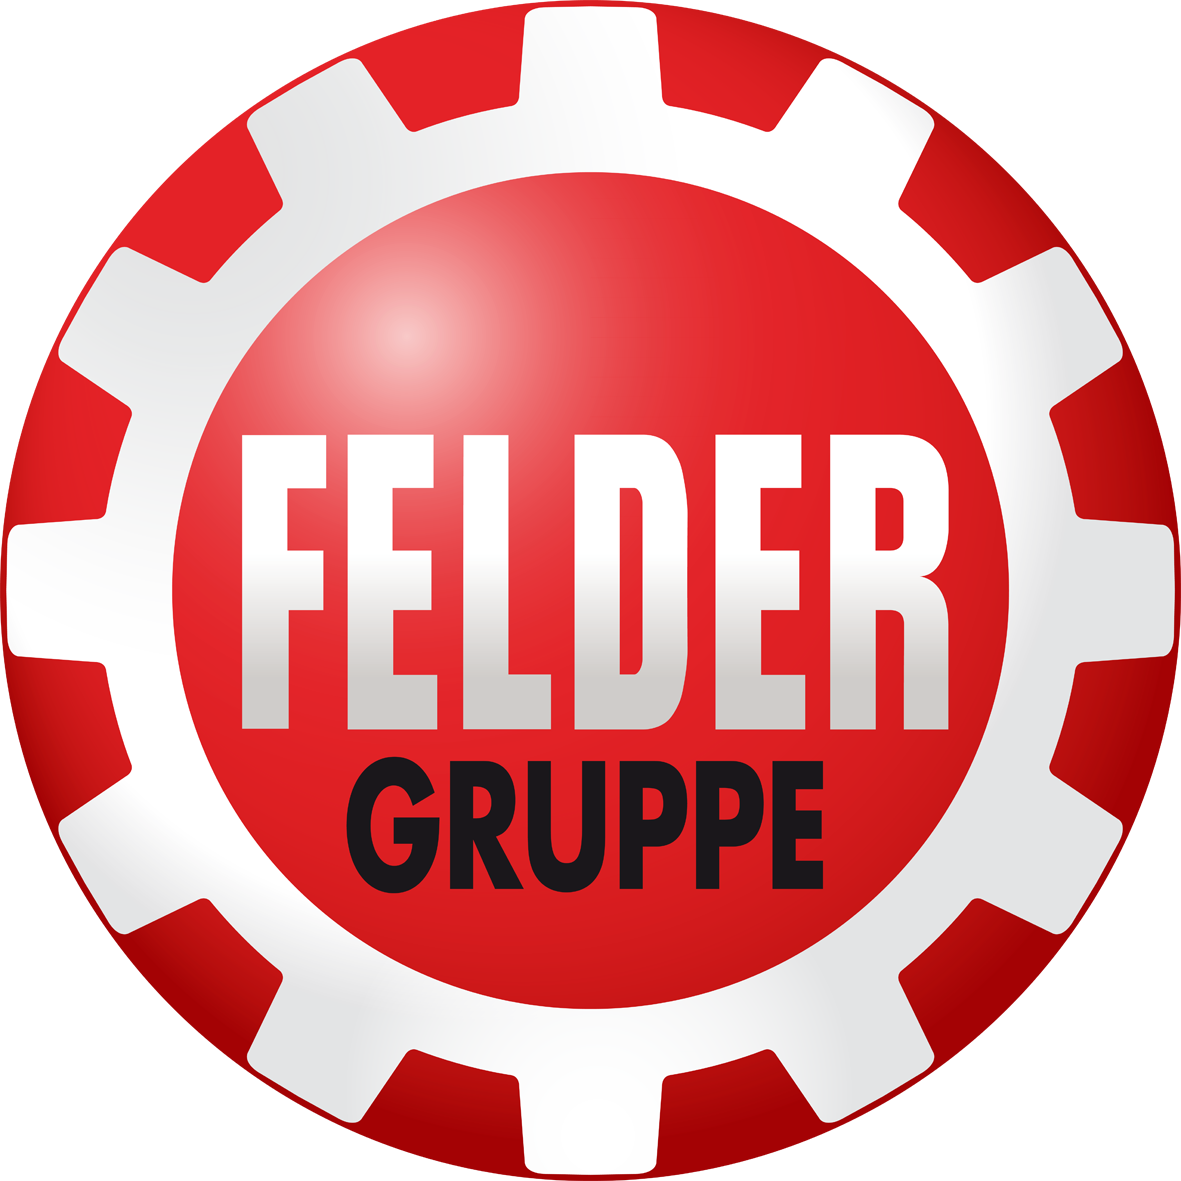 Felder Gruppe